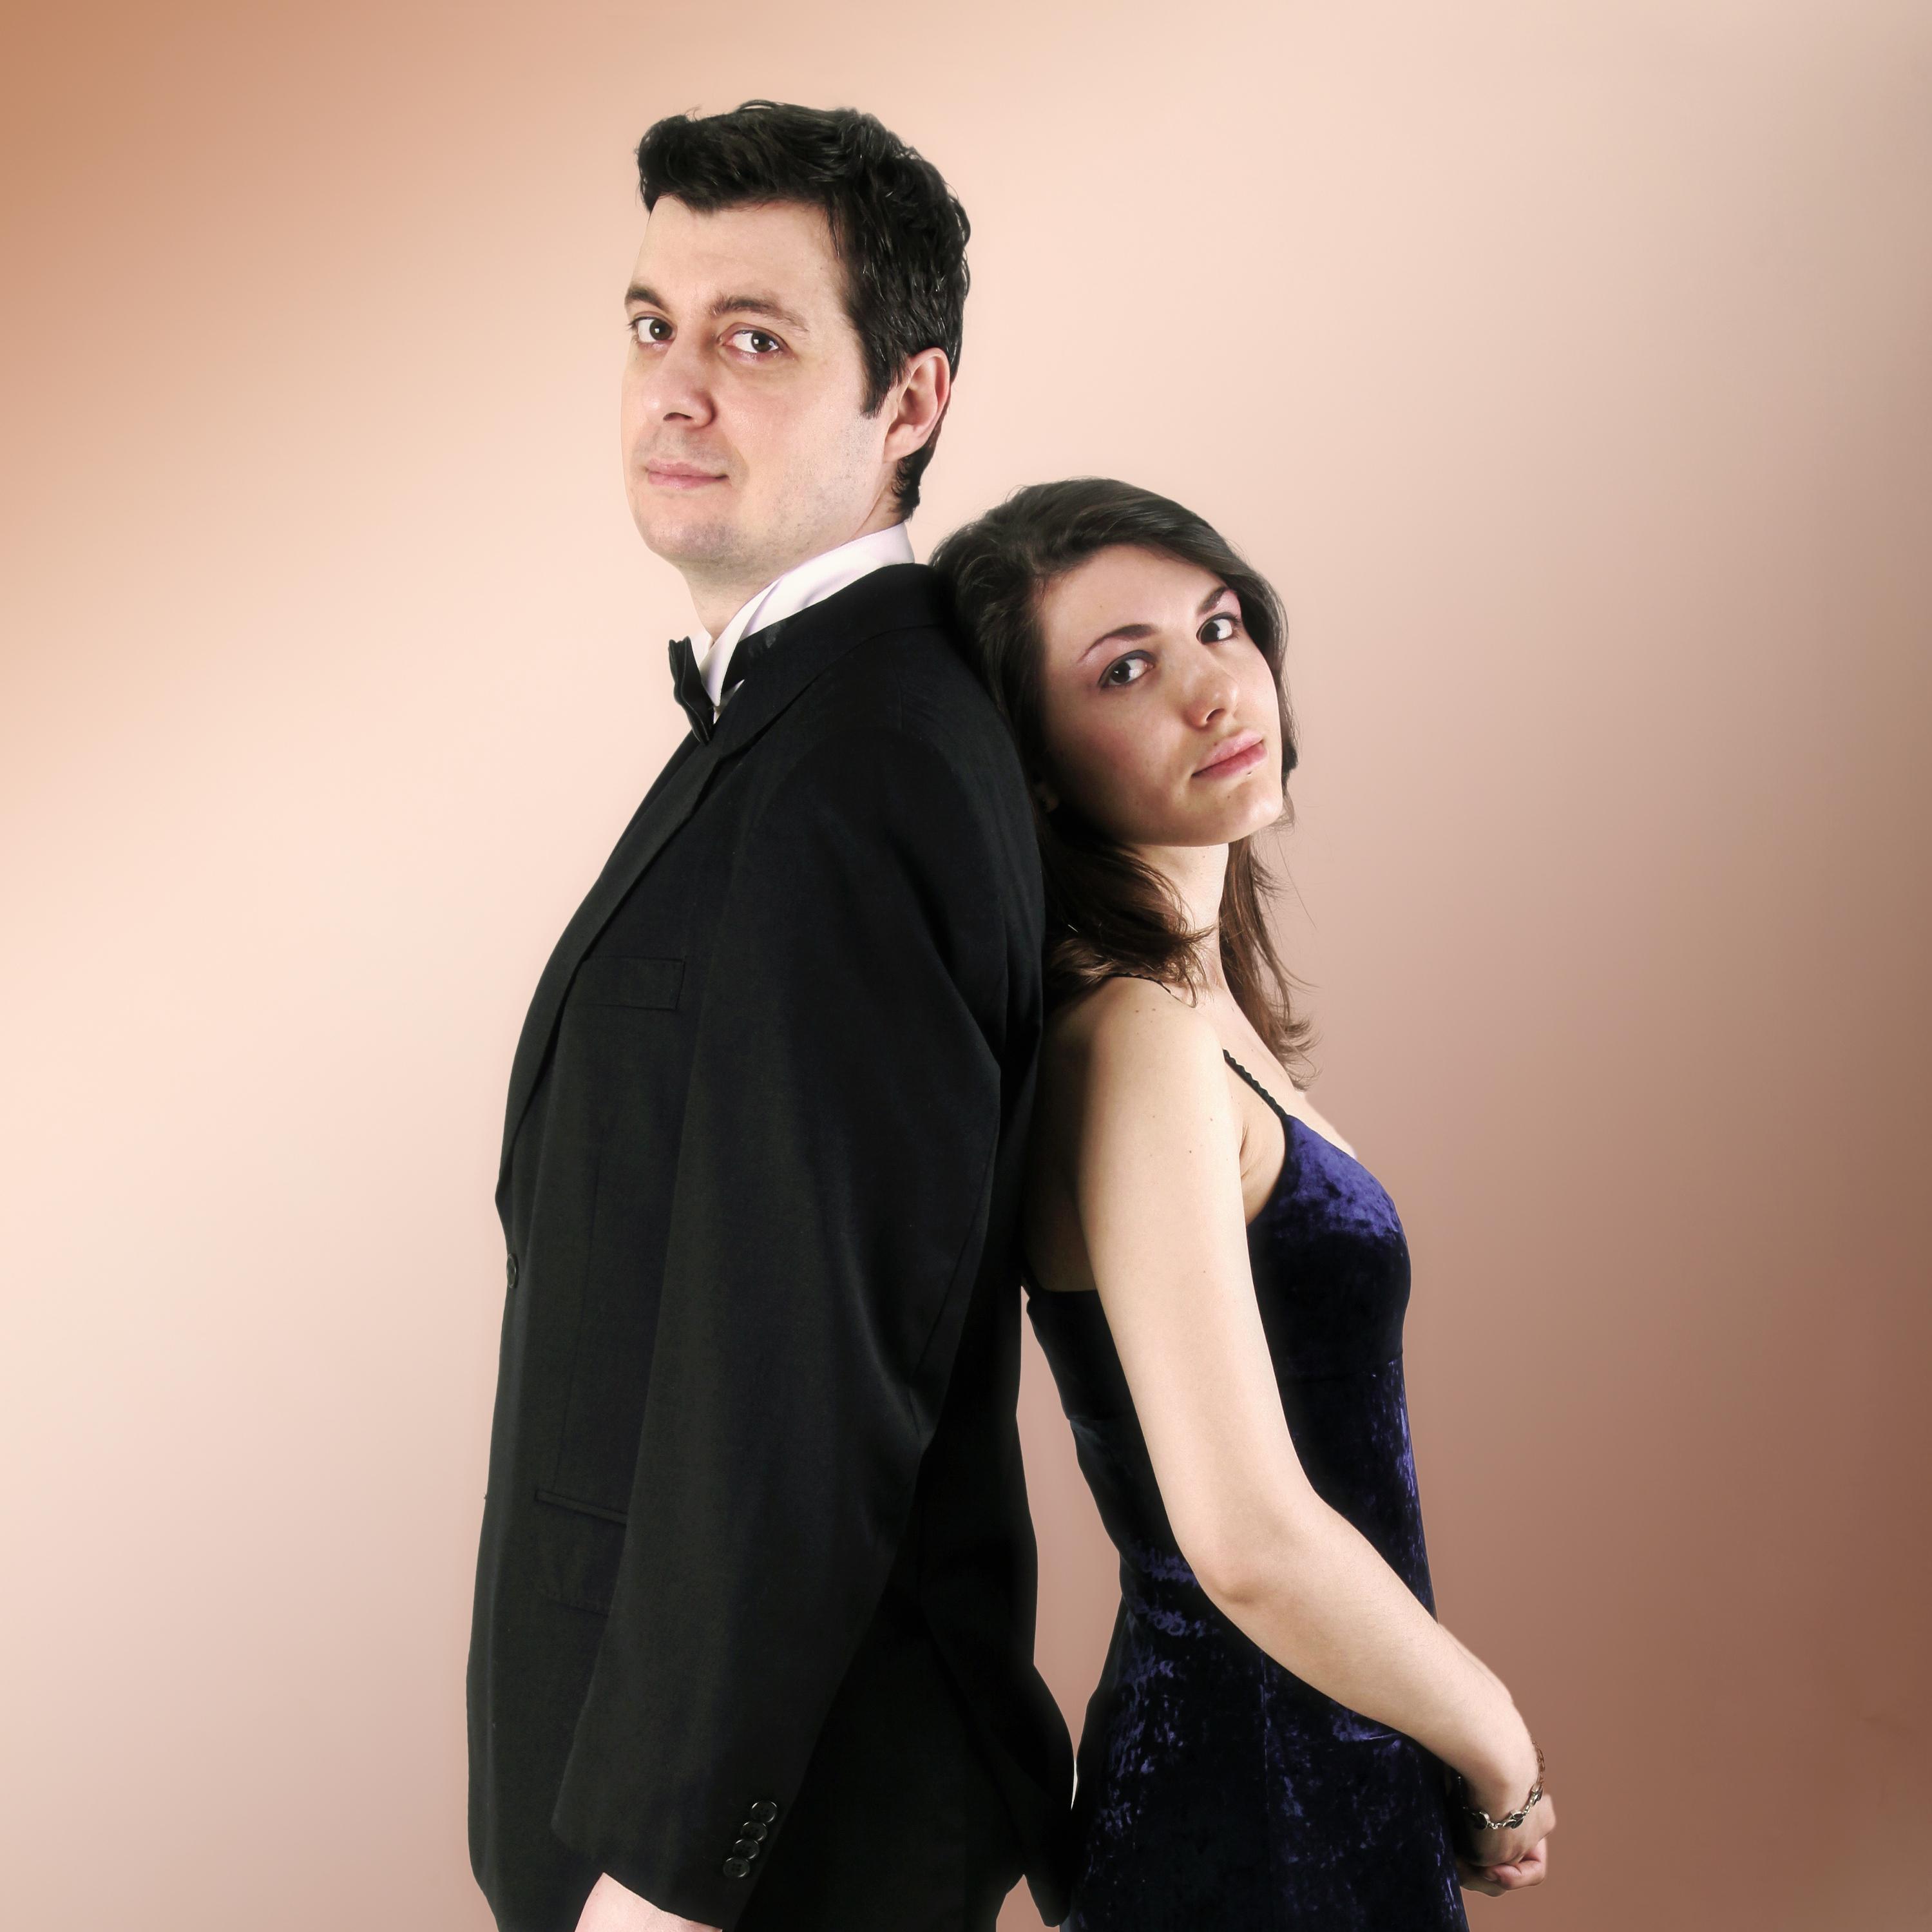 Yordanova & Kyurkchiev Piano duo